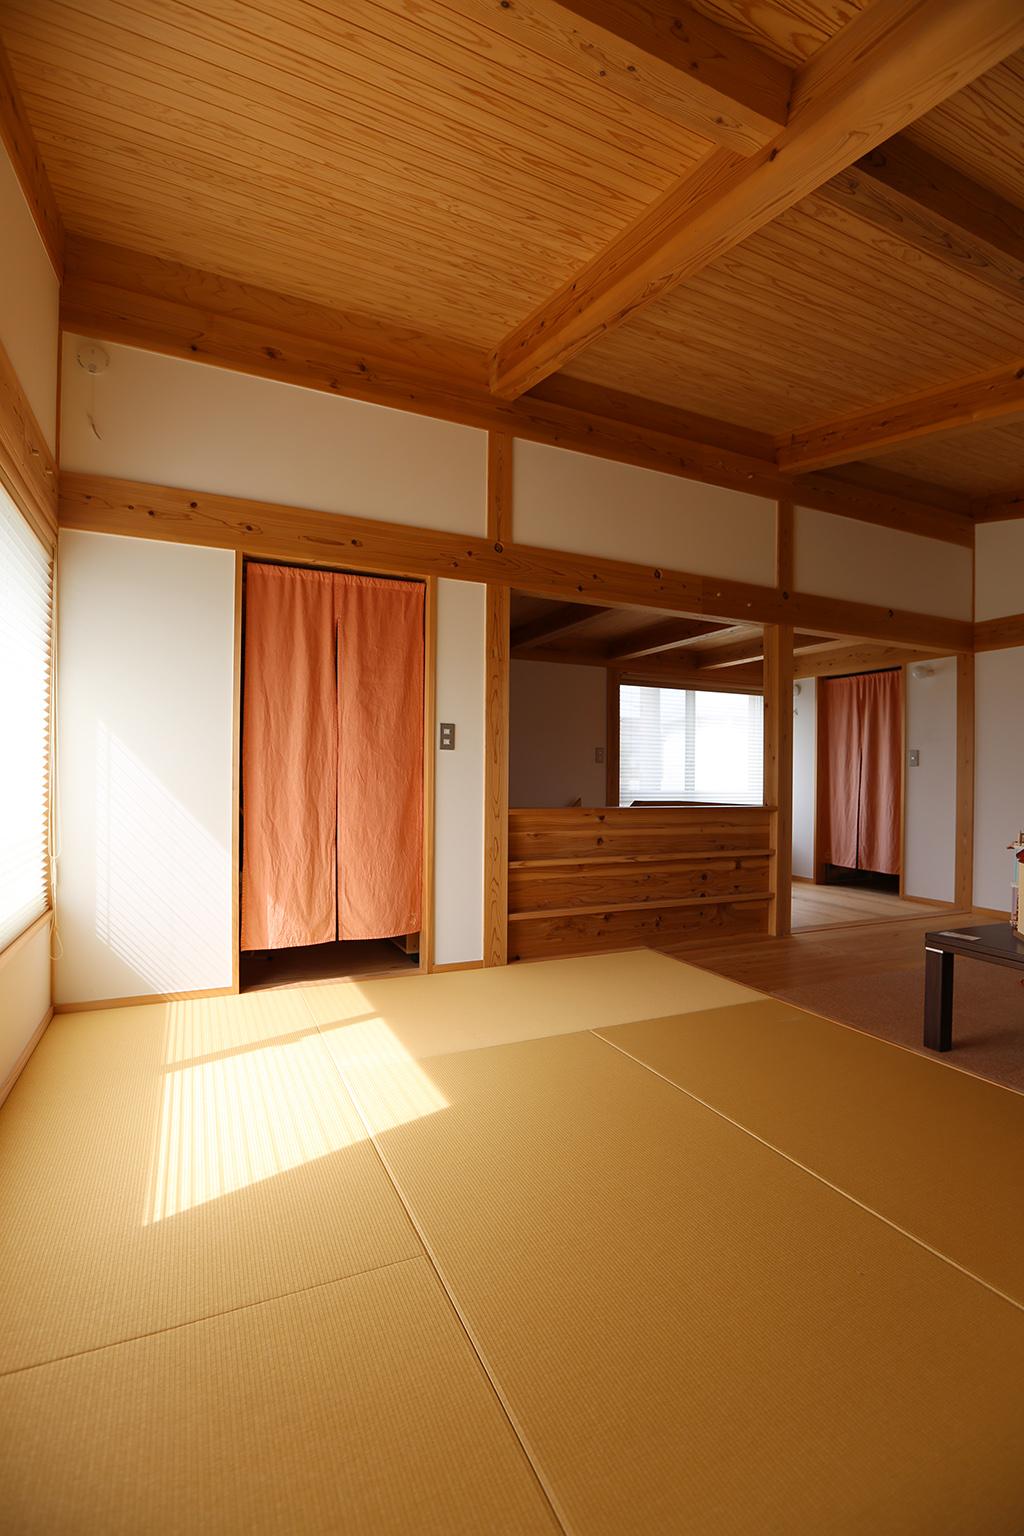 姫路市の木の家 畳敷きのフリールーム